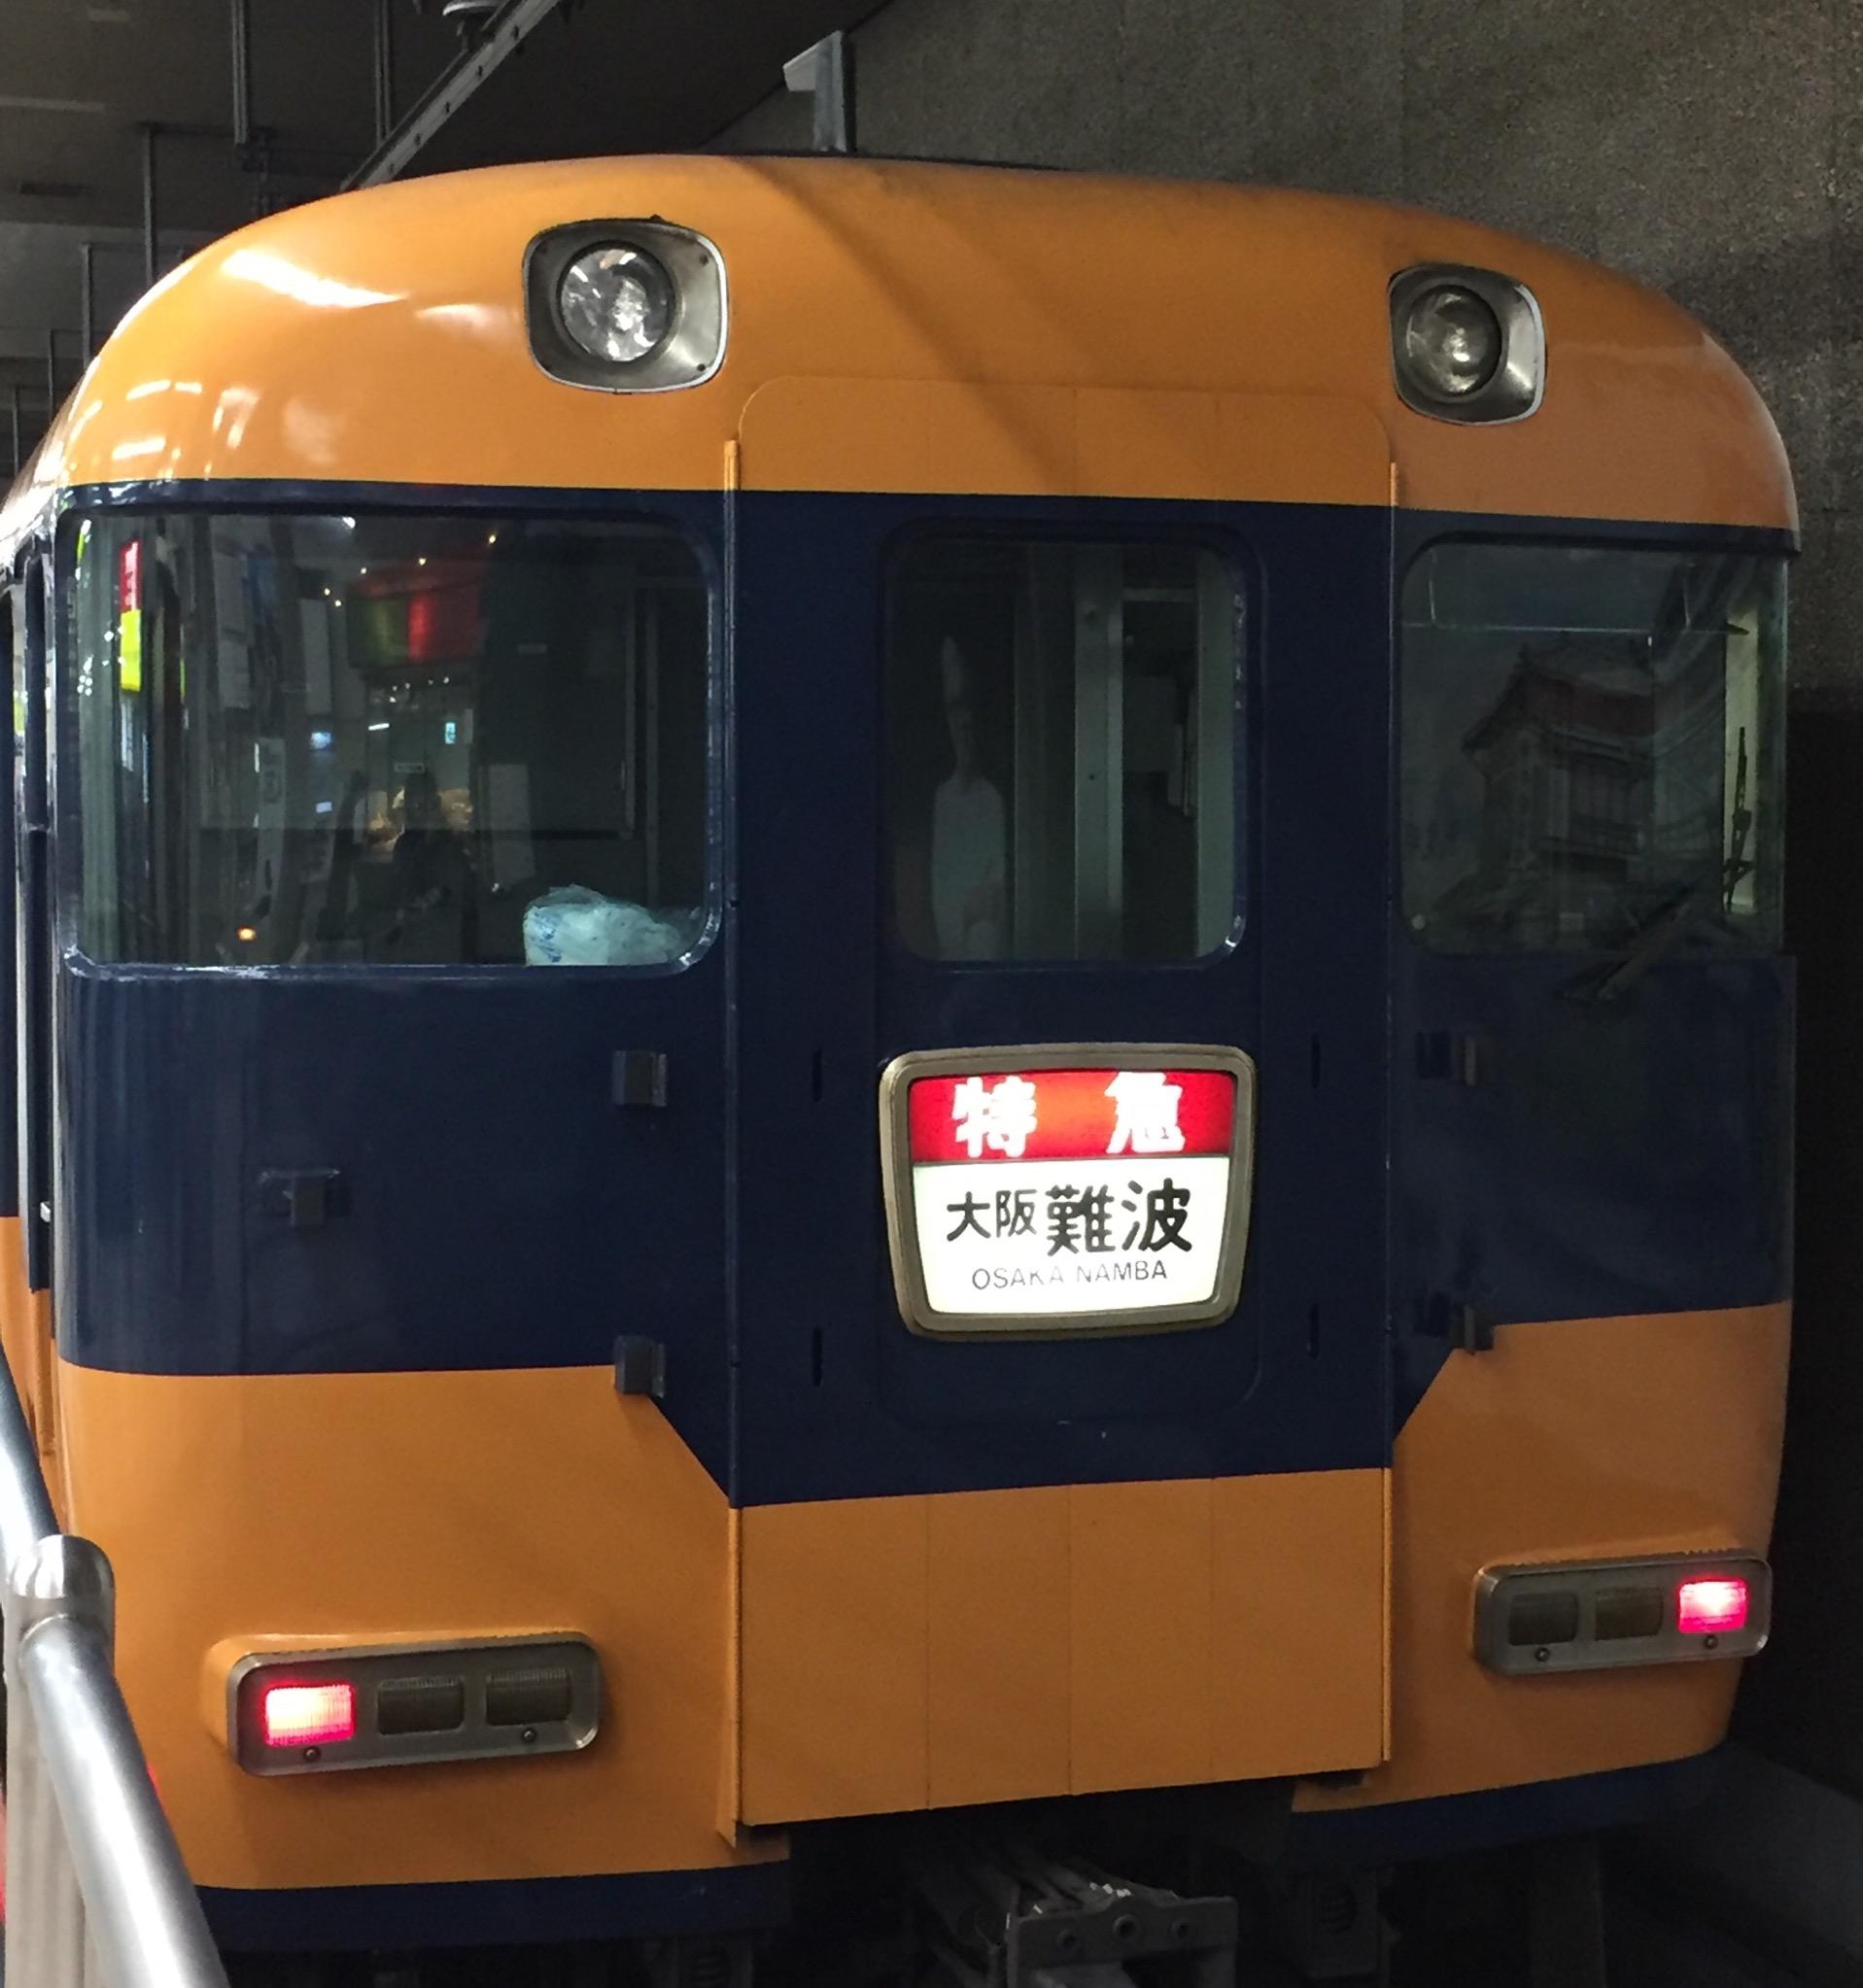 74D6DA81-5A95-4A57-9924-B8B9DE456D29